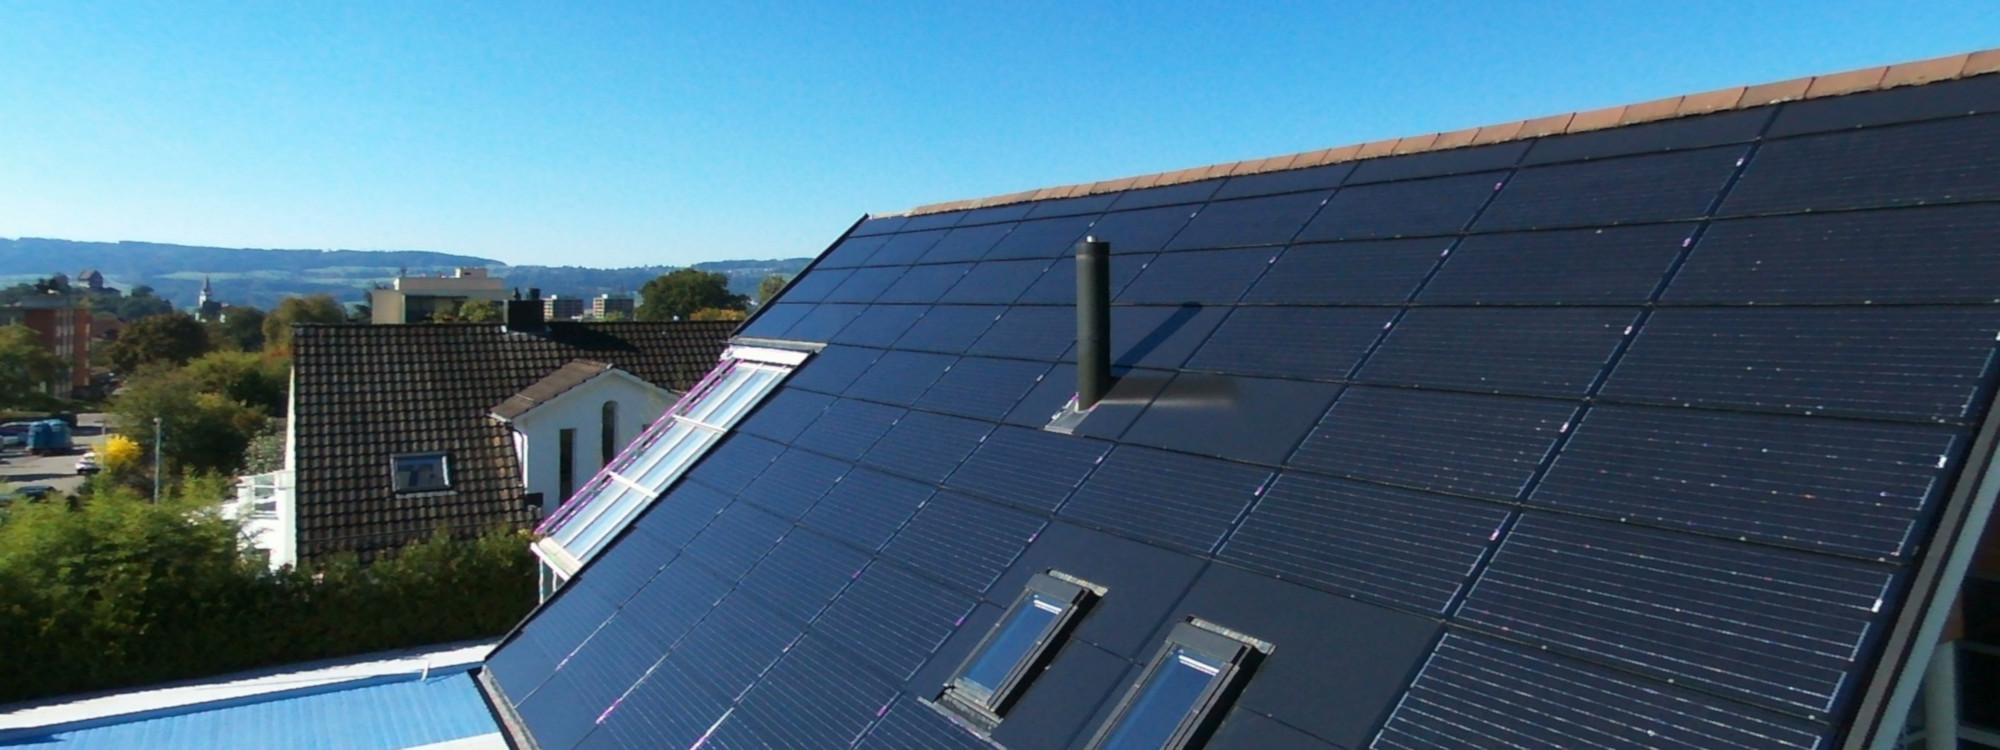 Eine Solaranlage von RUTZ Solar senkt nachhaltig Ihre Stromkosten und setzt auf erneuerbare Energien